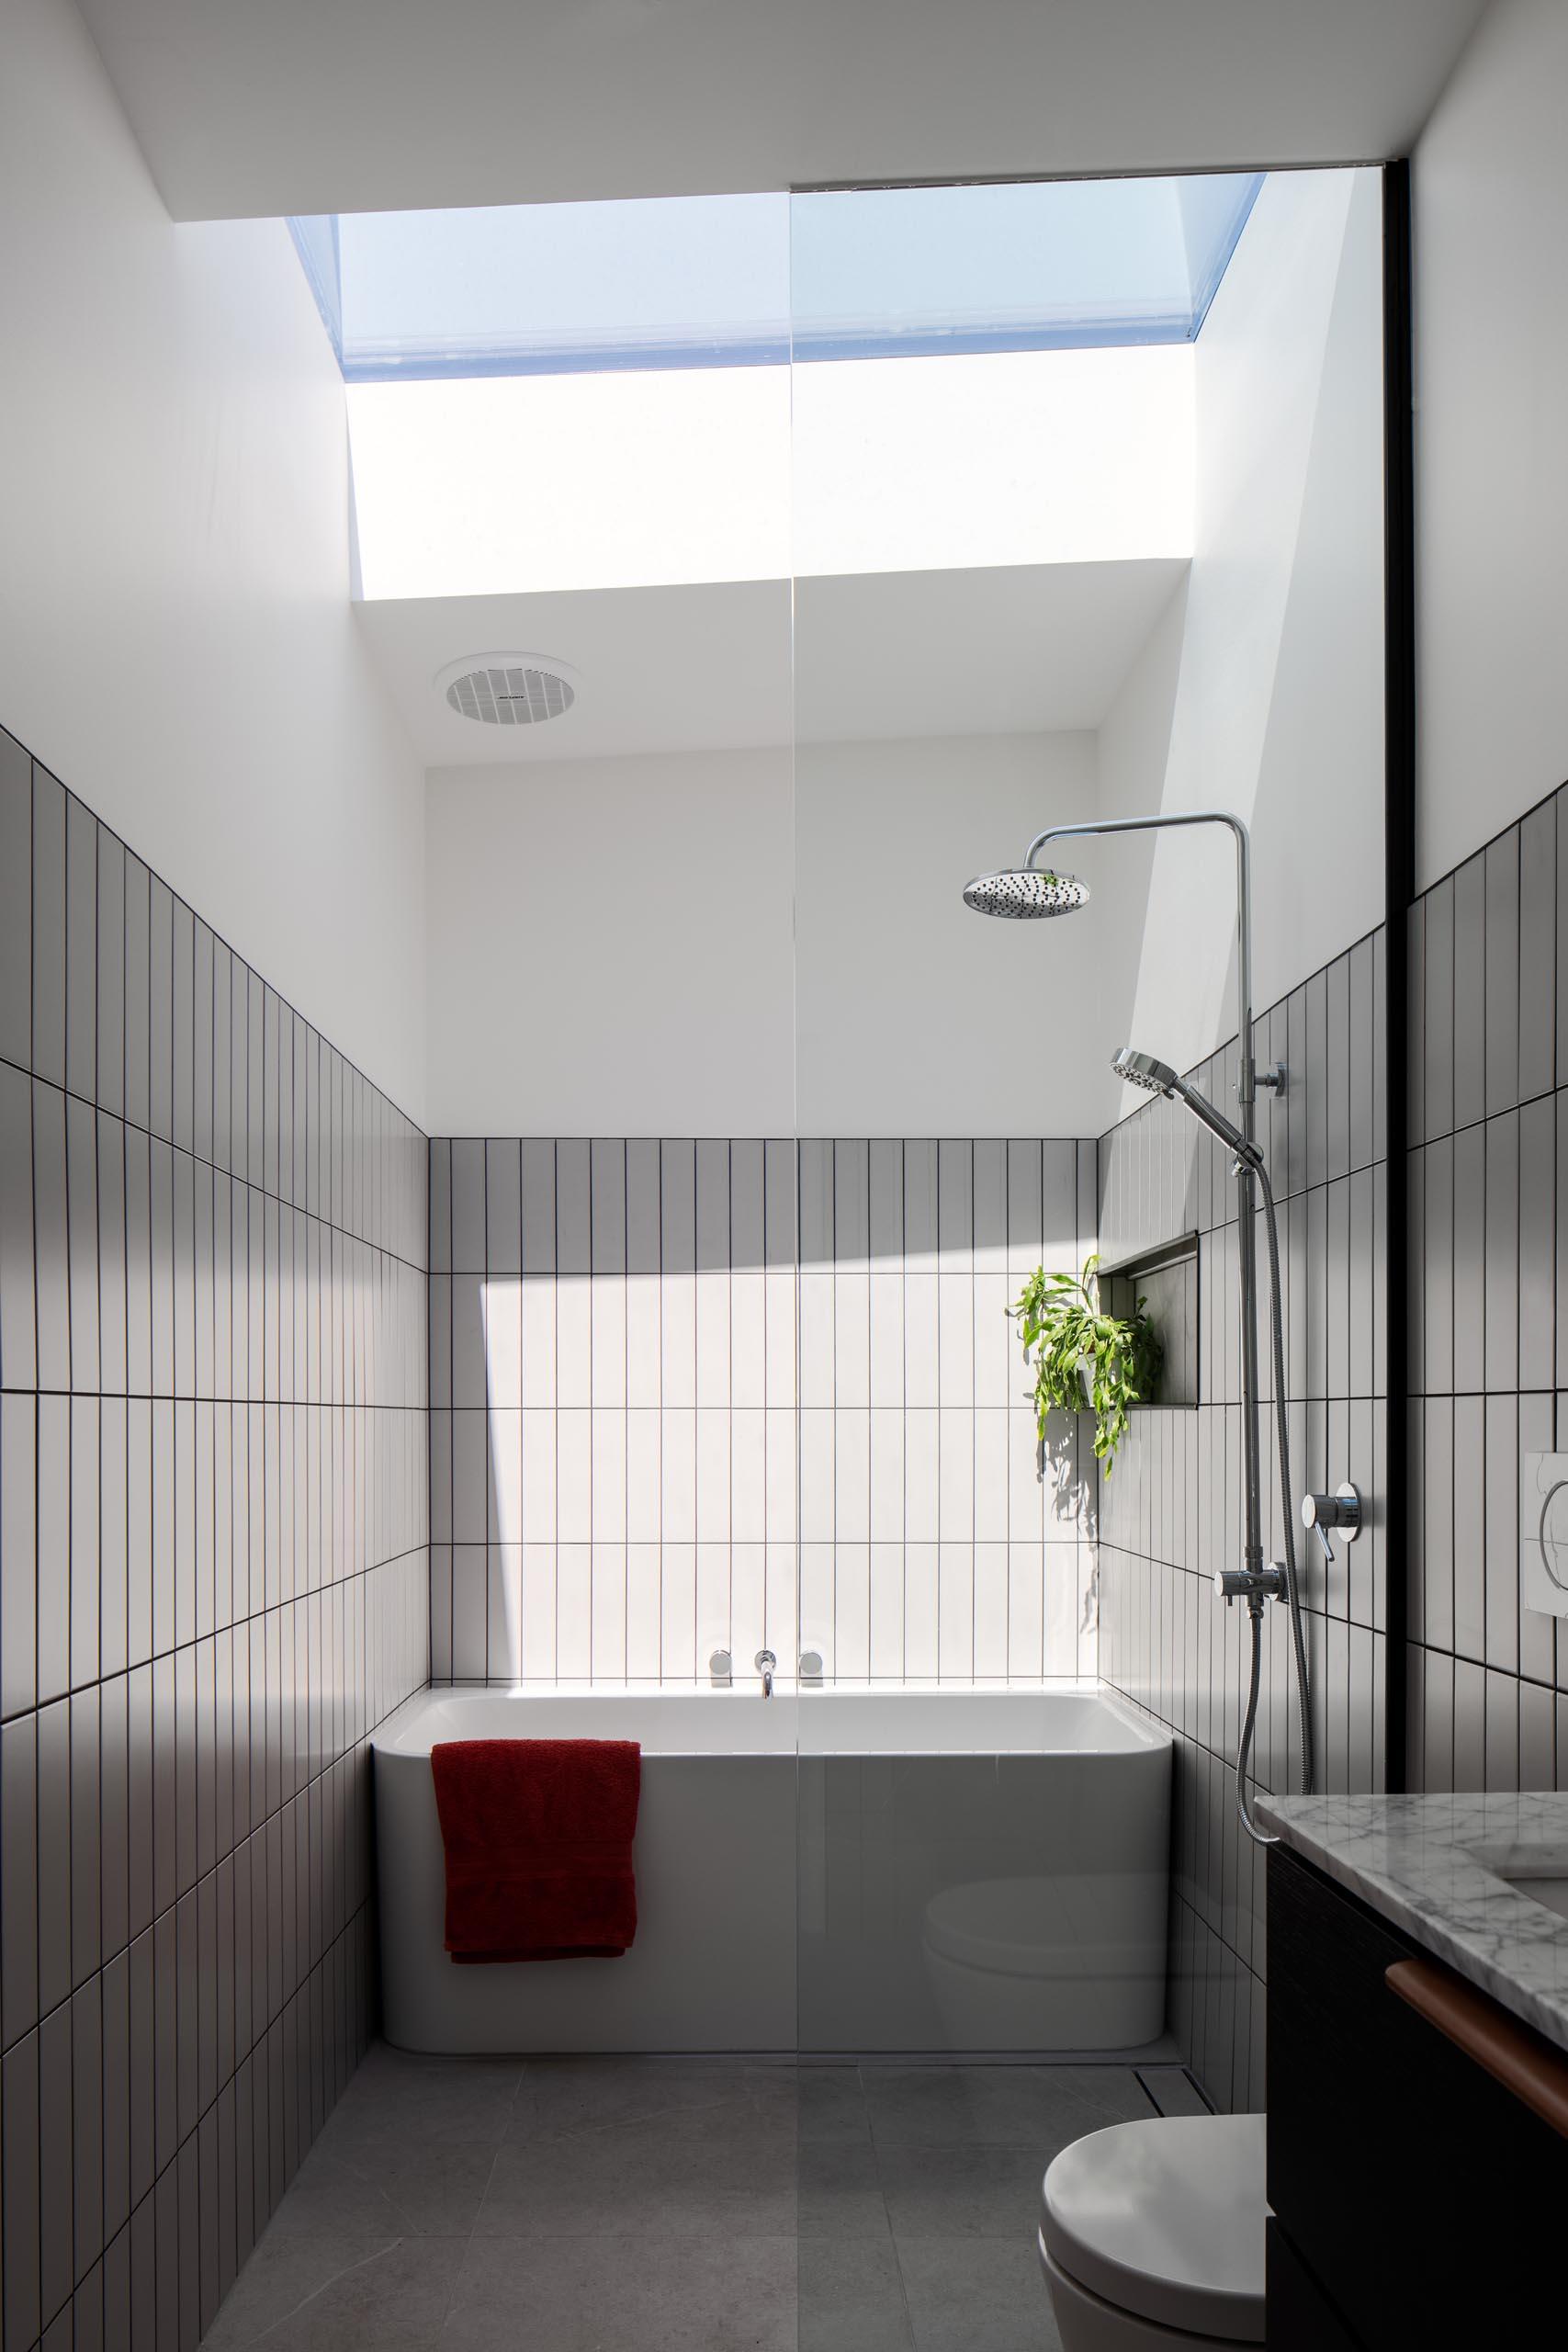 A modern bathroom with gray tiles, a white bathtub, and a skylight.